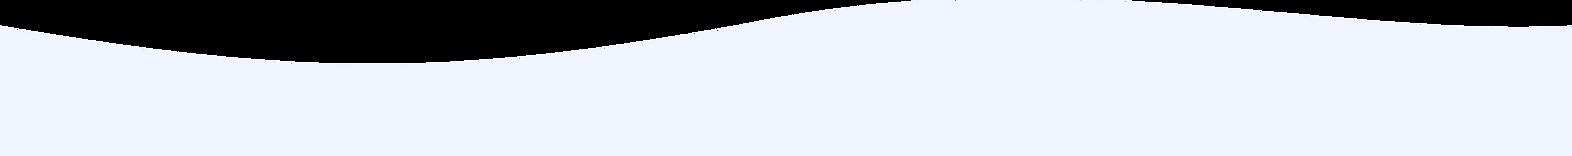 路径 2.png